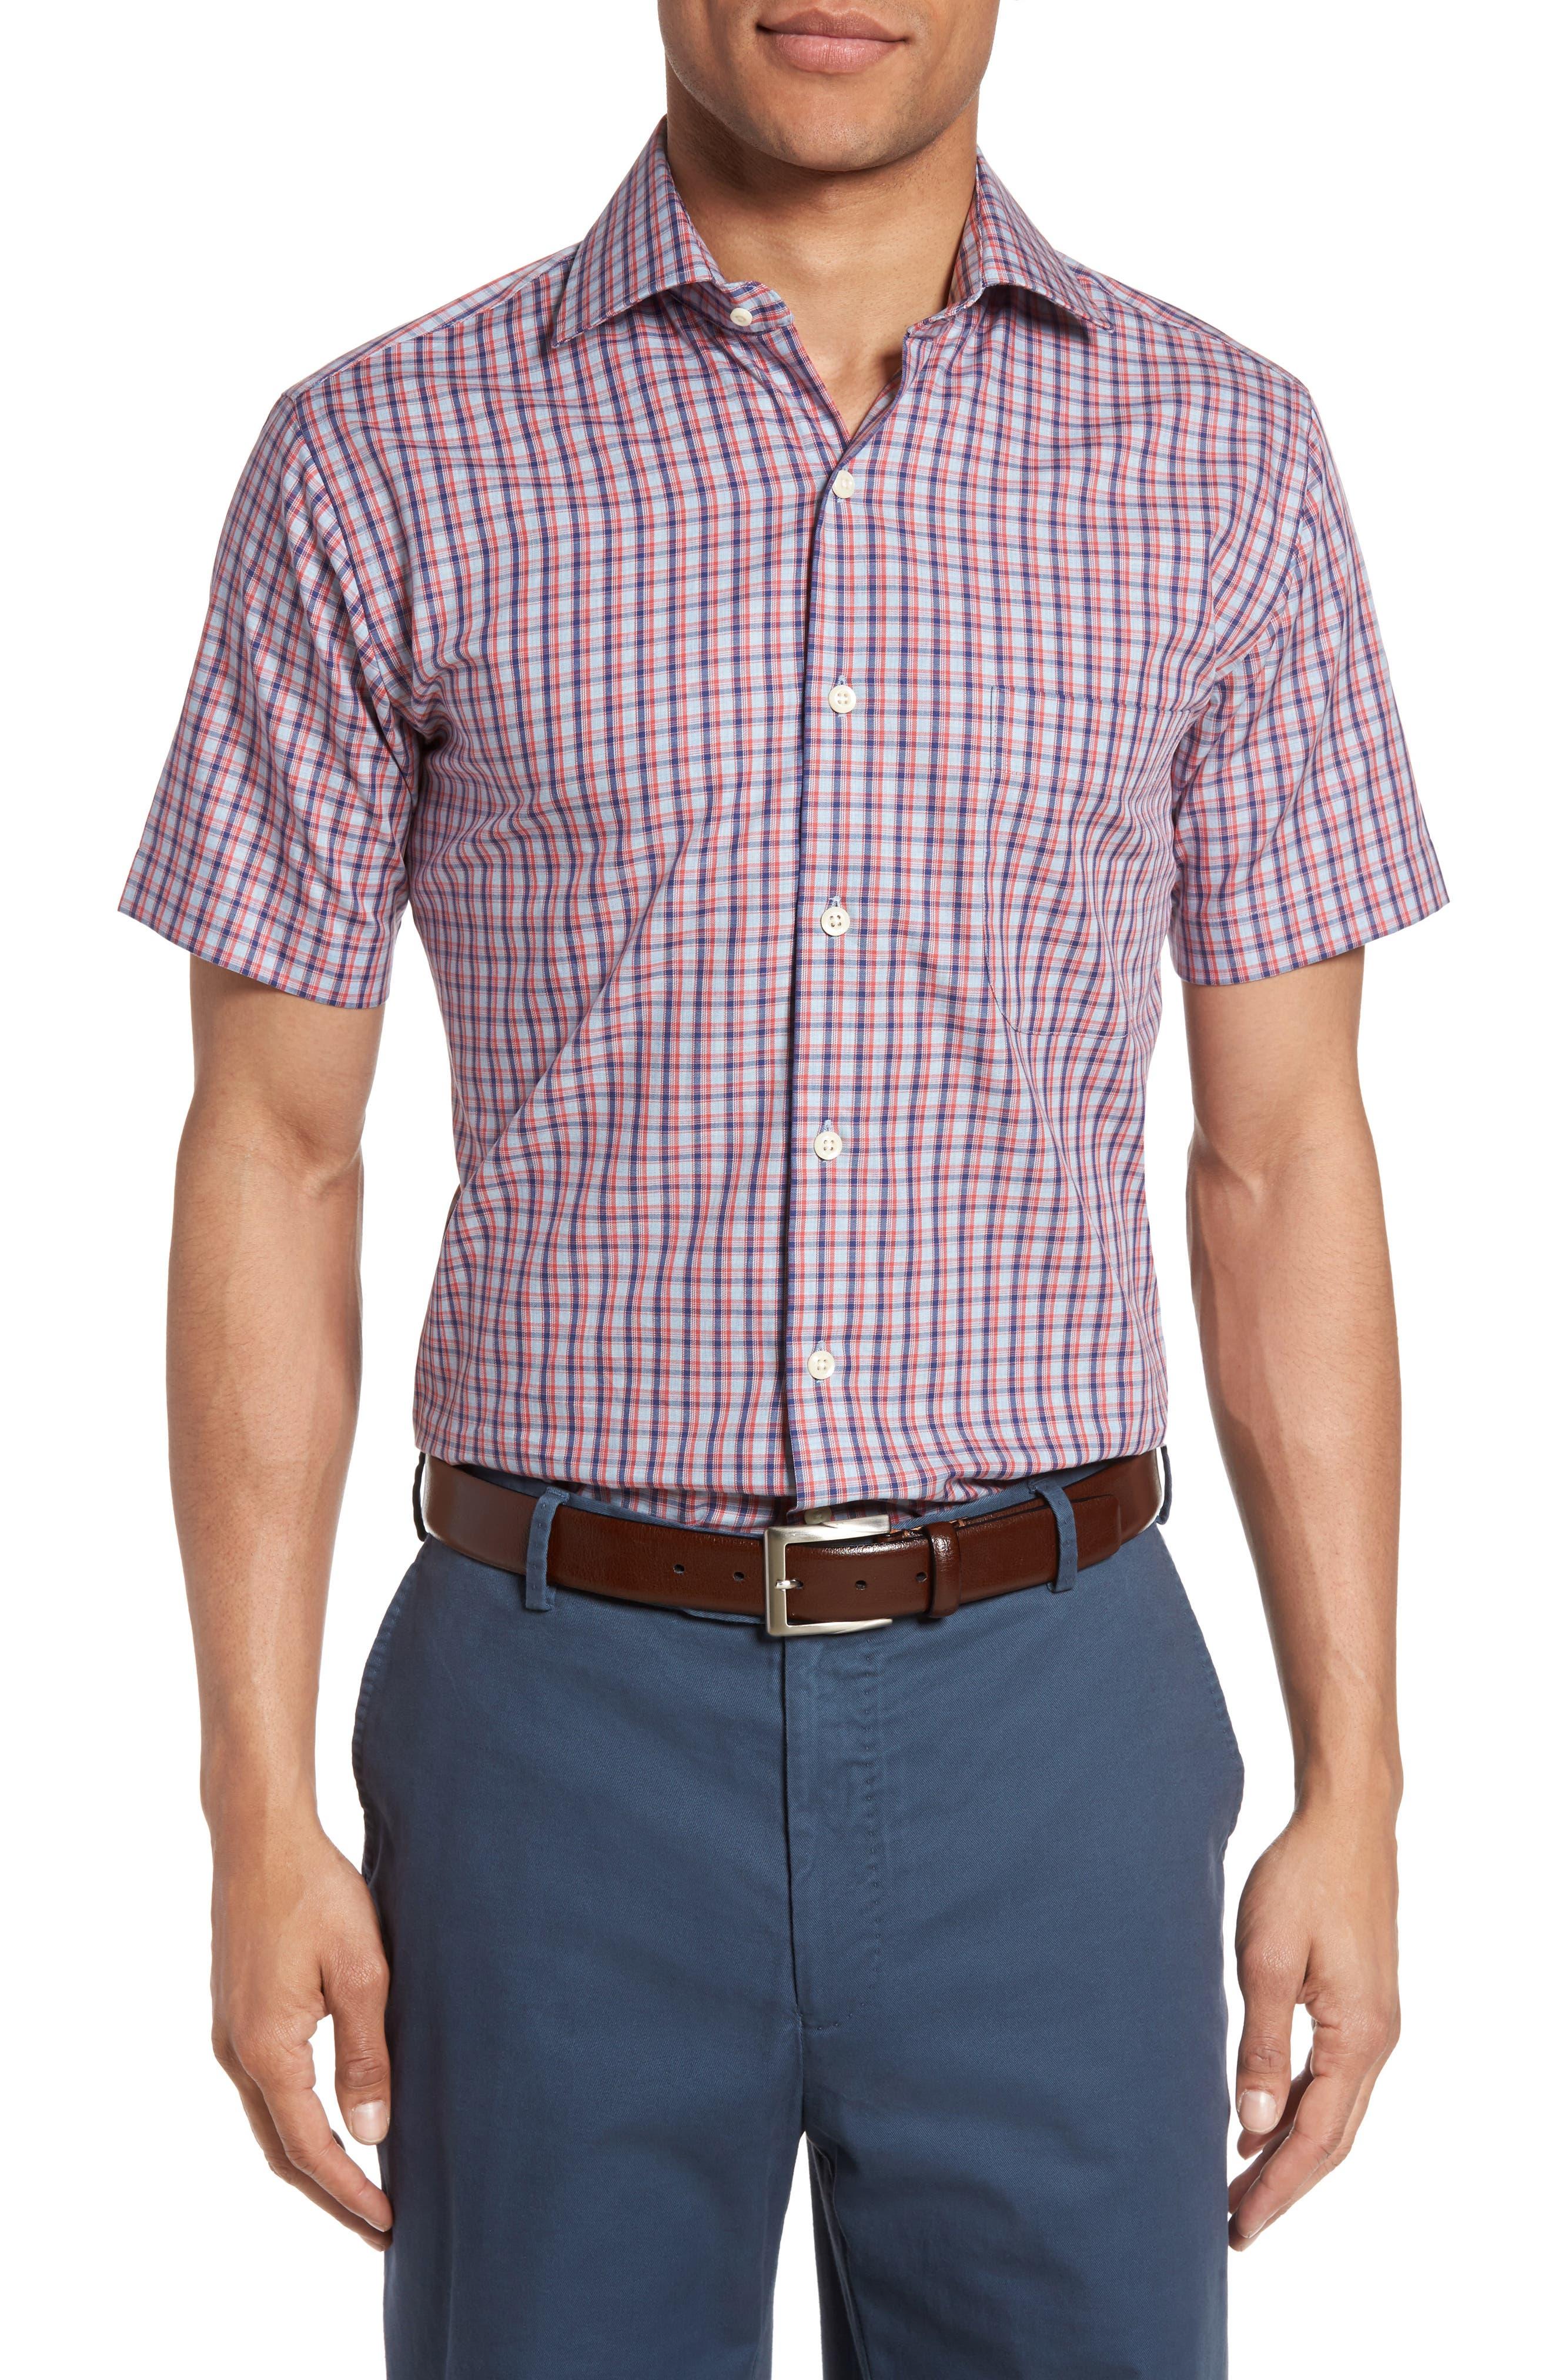 Peter Millar Regular Fit Short Sleeve Crisp Pane Sport Shirt